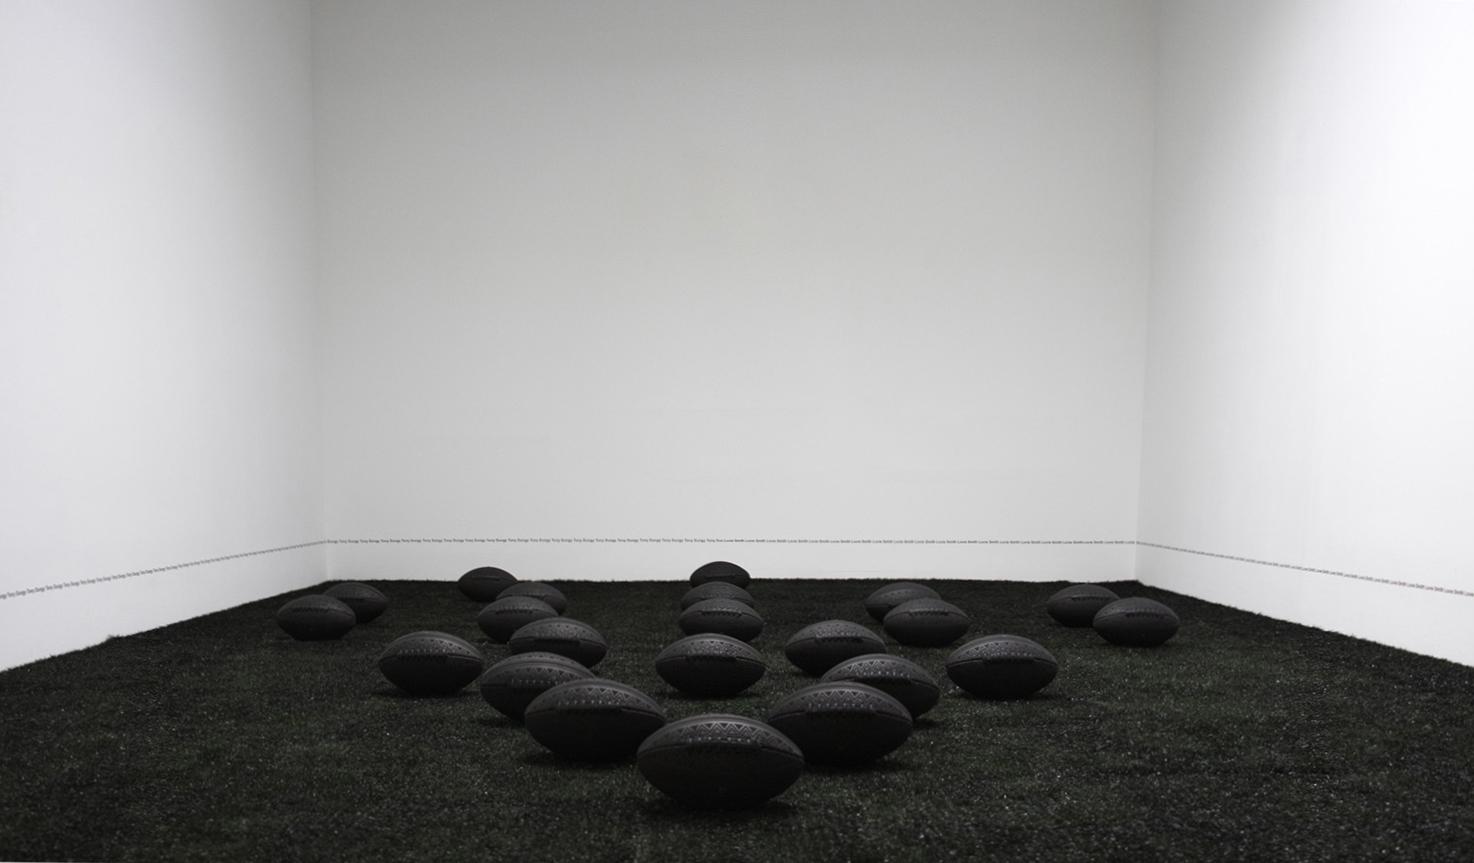 Blood and Tears Instead of Milk and Honey , 2018, 22 black leather braded footballs on black astroturf